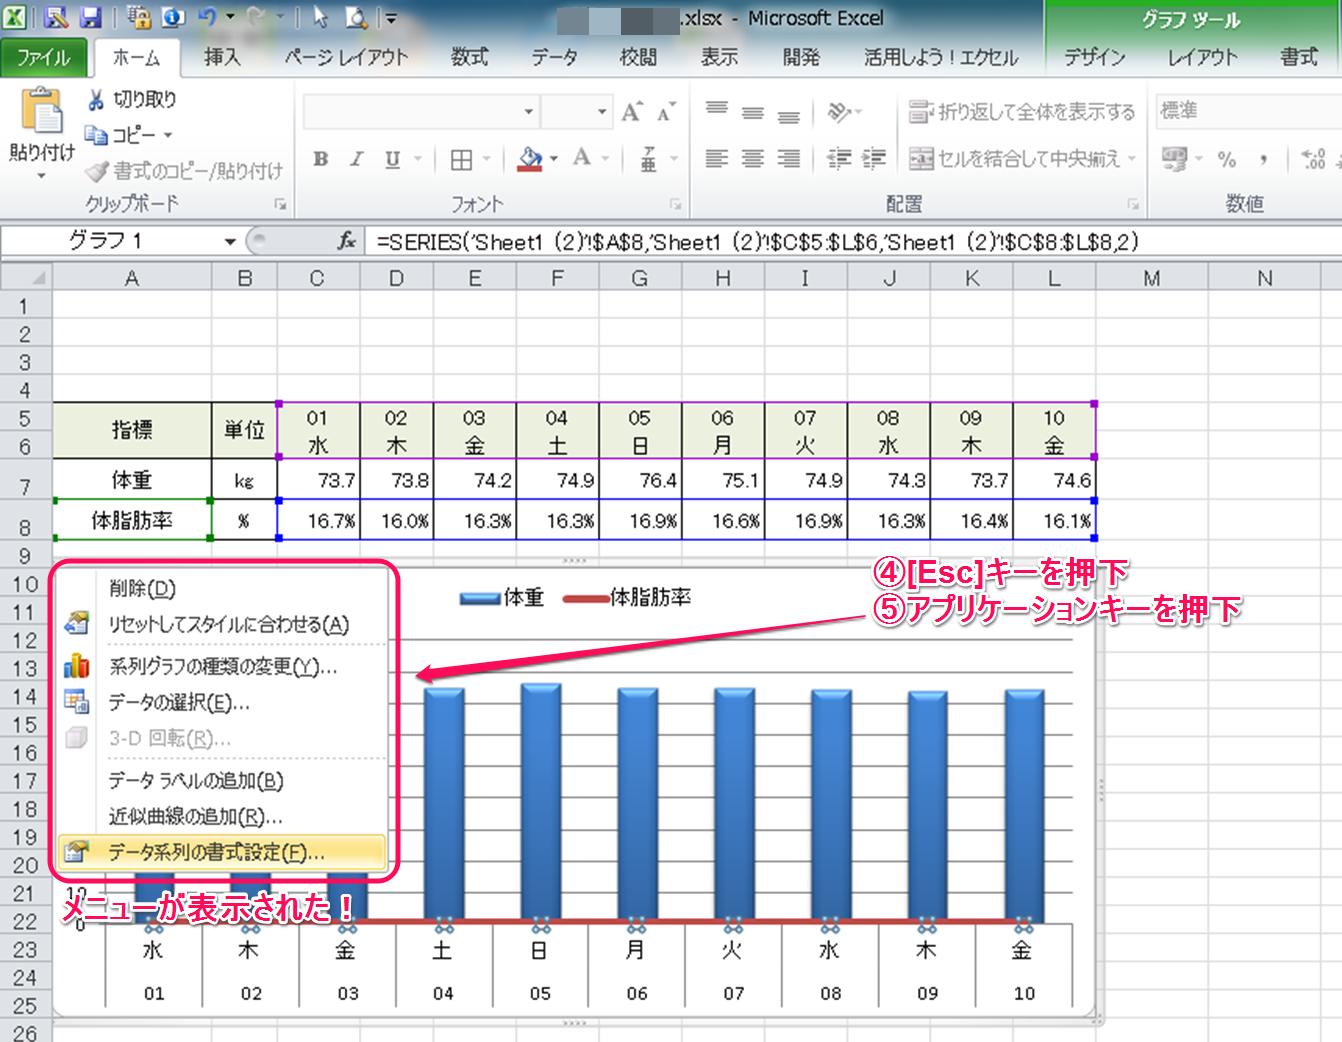 値が極端に小さいデータ系列を簡単に選択して右クリックメニューを表示する方法⑤